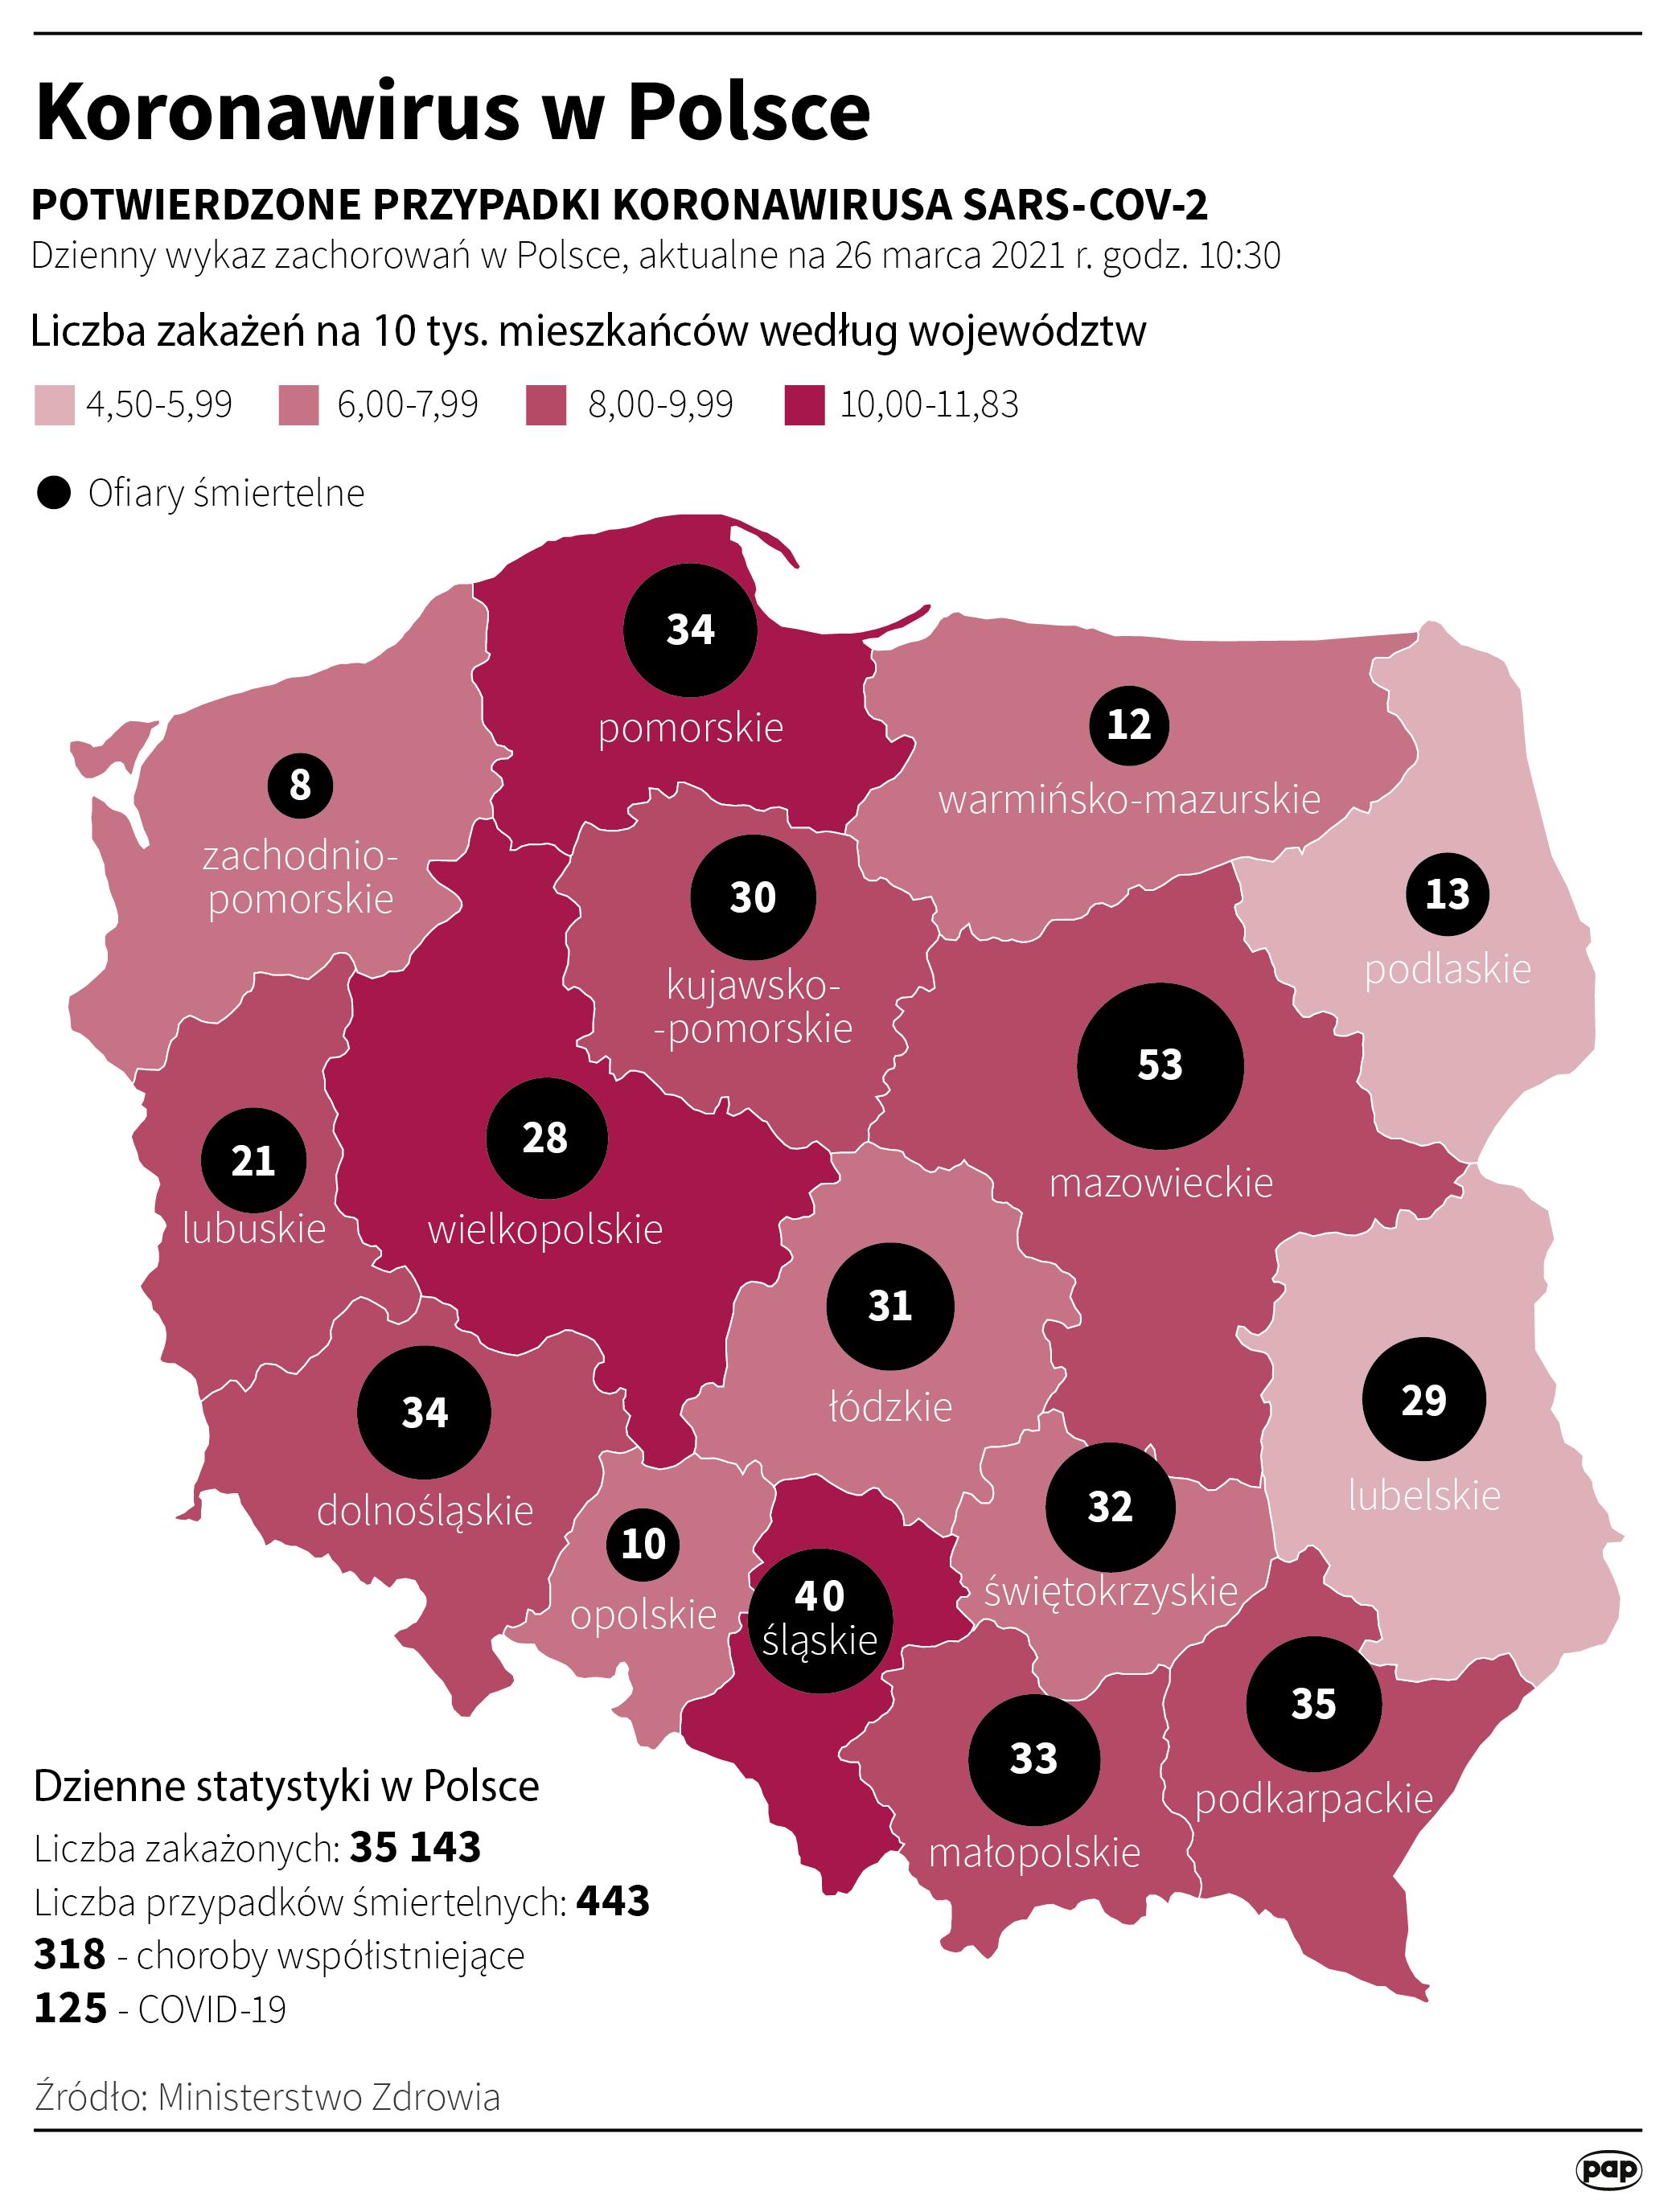 Koronawirus w Polsce - stan na 26 marca [źródło: PAP, autor: Maciej Zieliński]